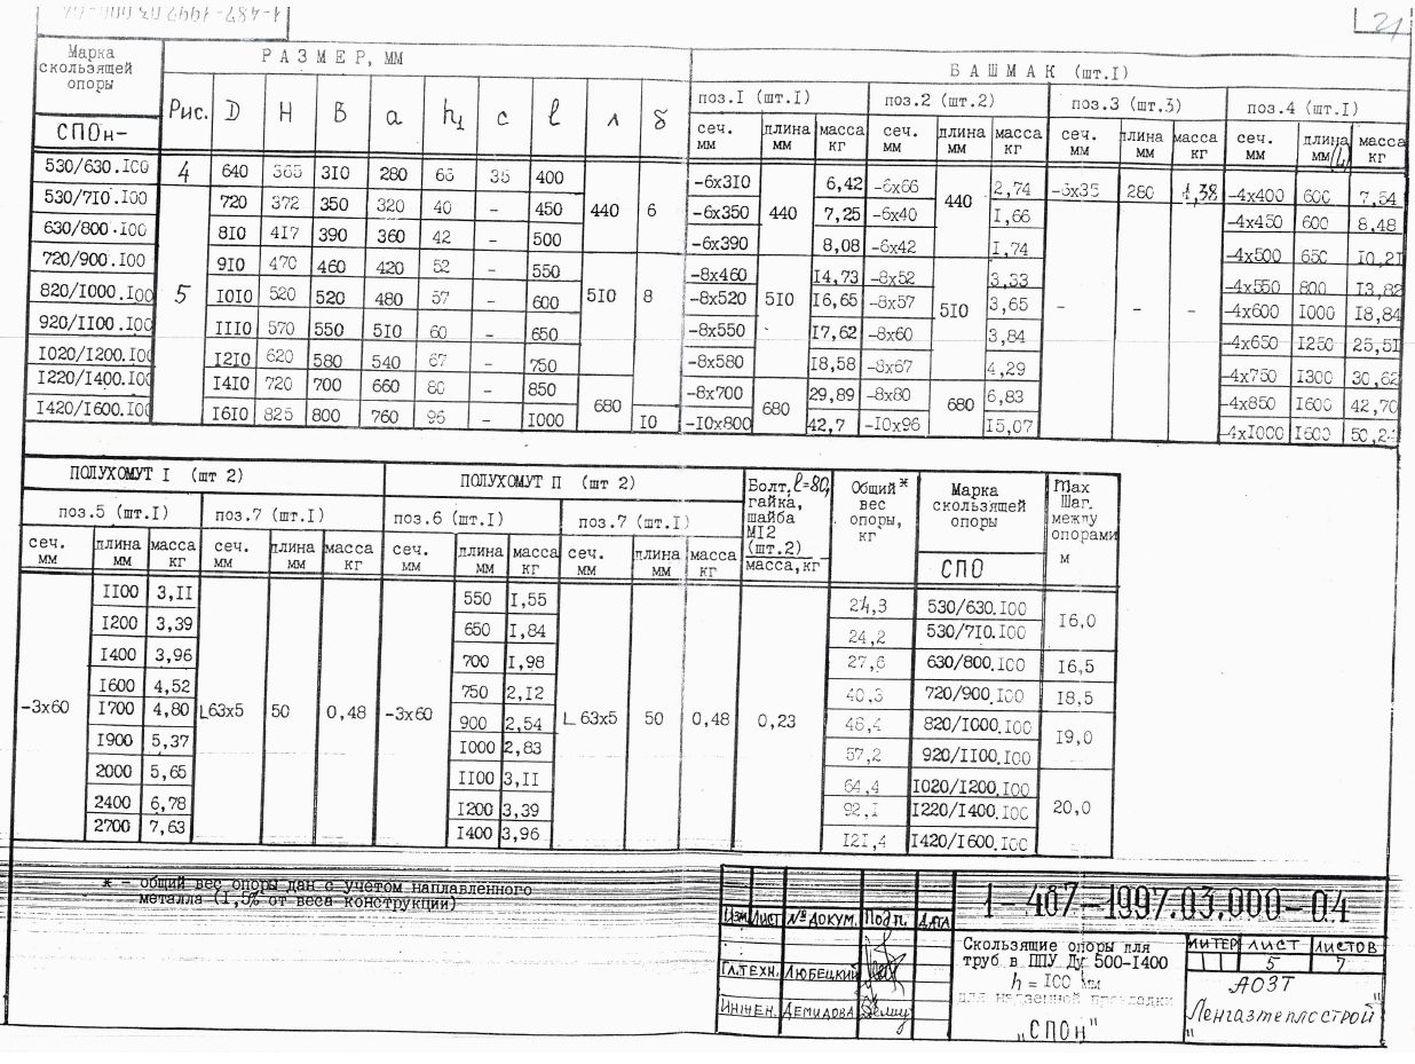 Опора СПОн ТД 1-487-1997.03.000-06 стр.6